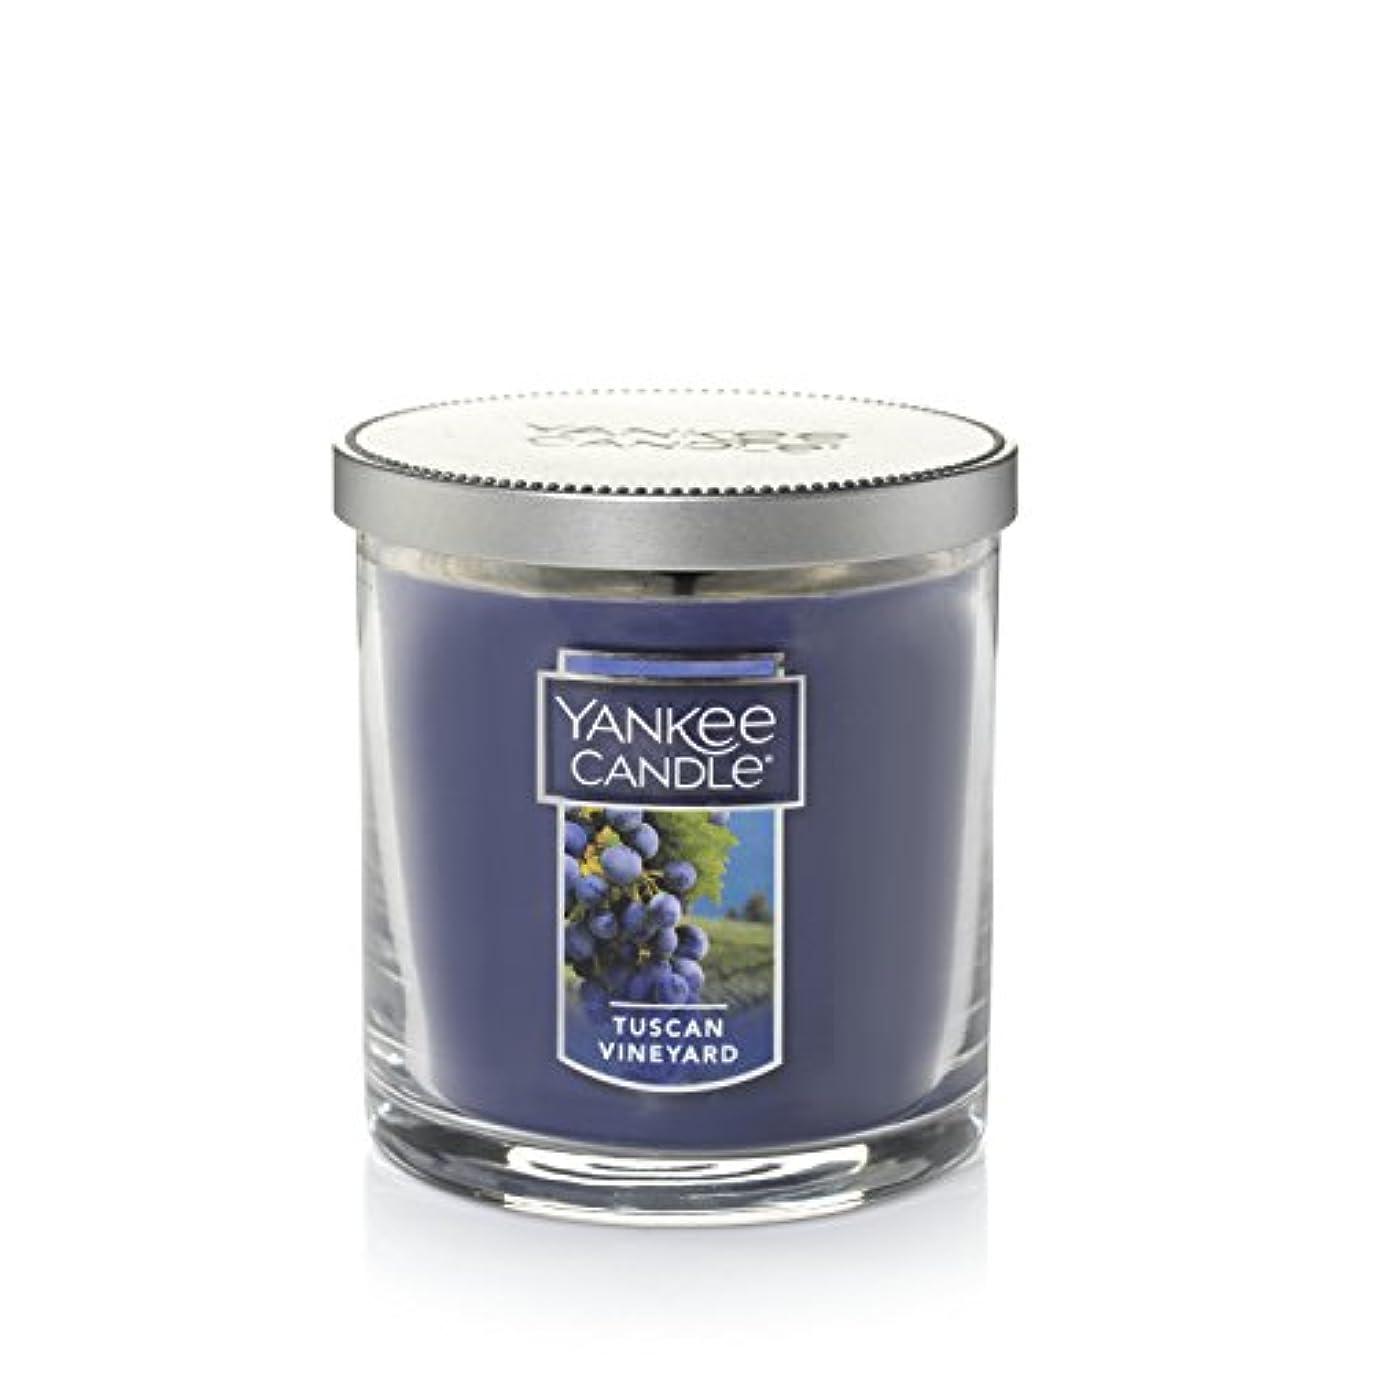 ペルソナ以下挨拶するYankee Candle Vineyard、フルーツ香り Small Tumbler Candles パープル 1184180Z